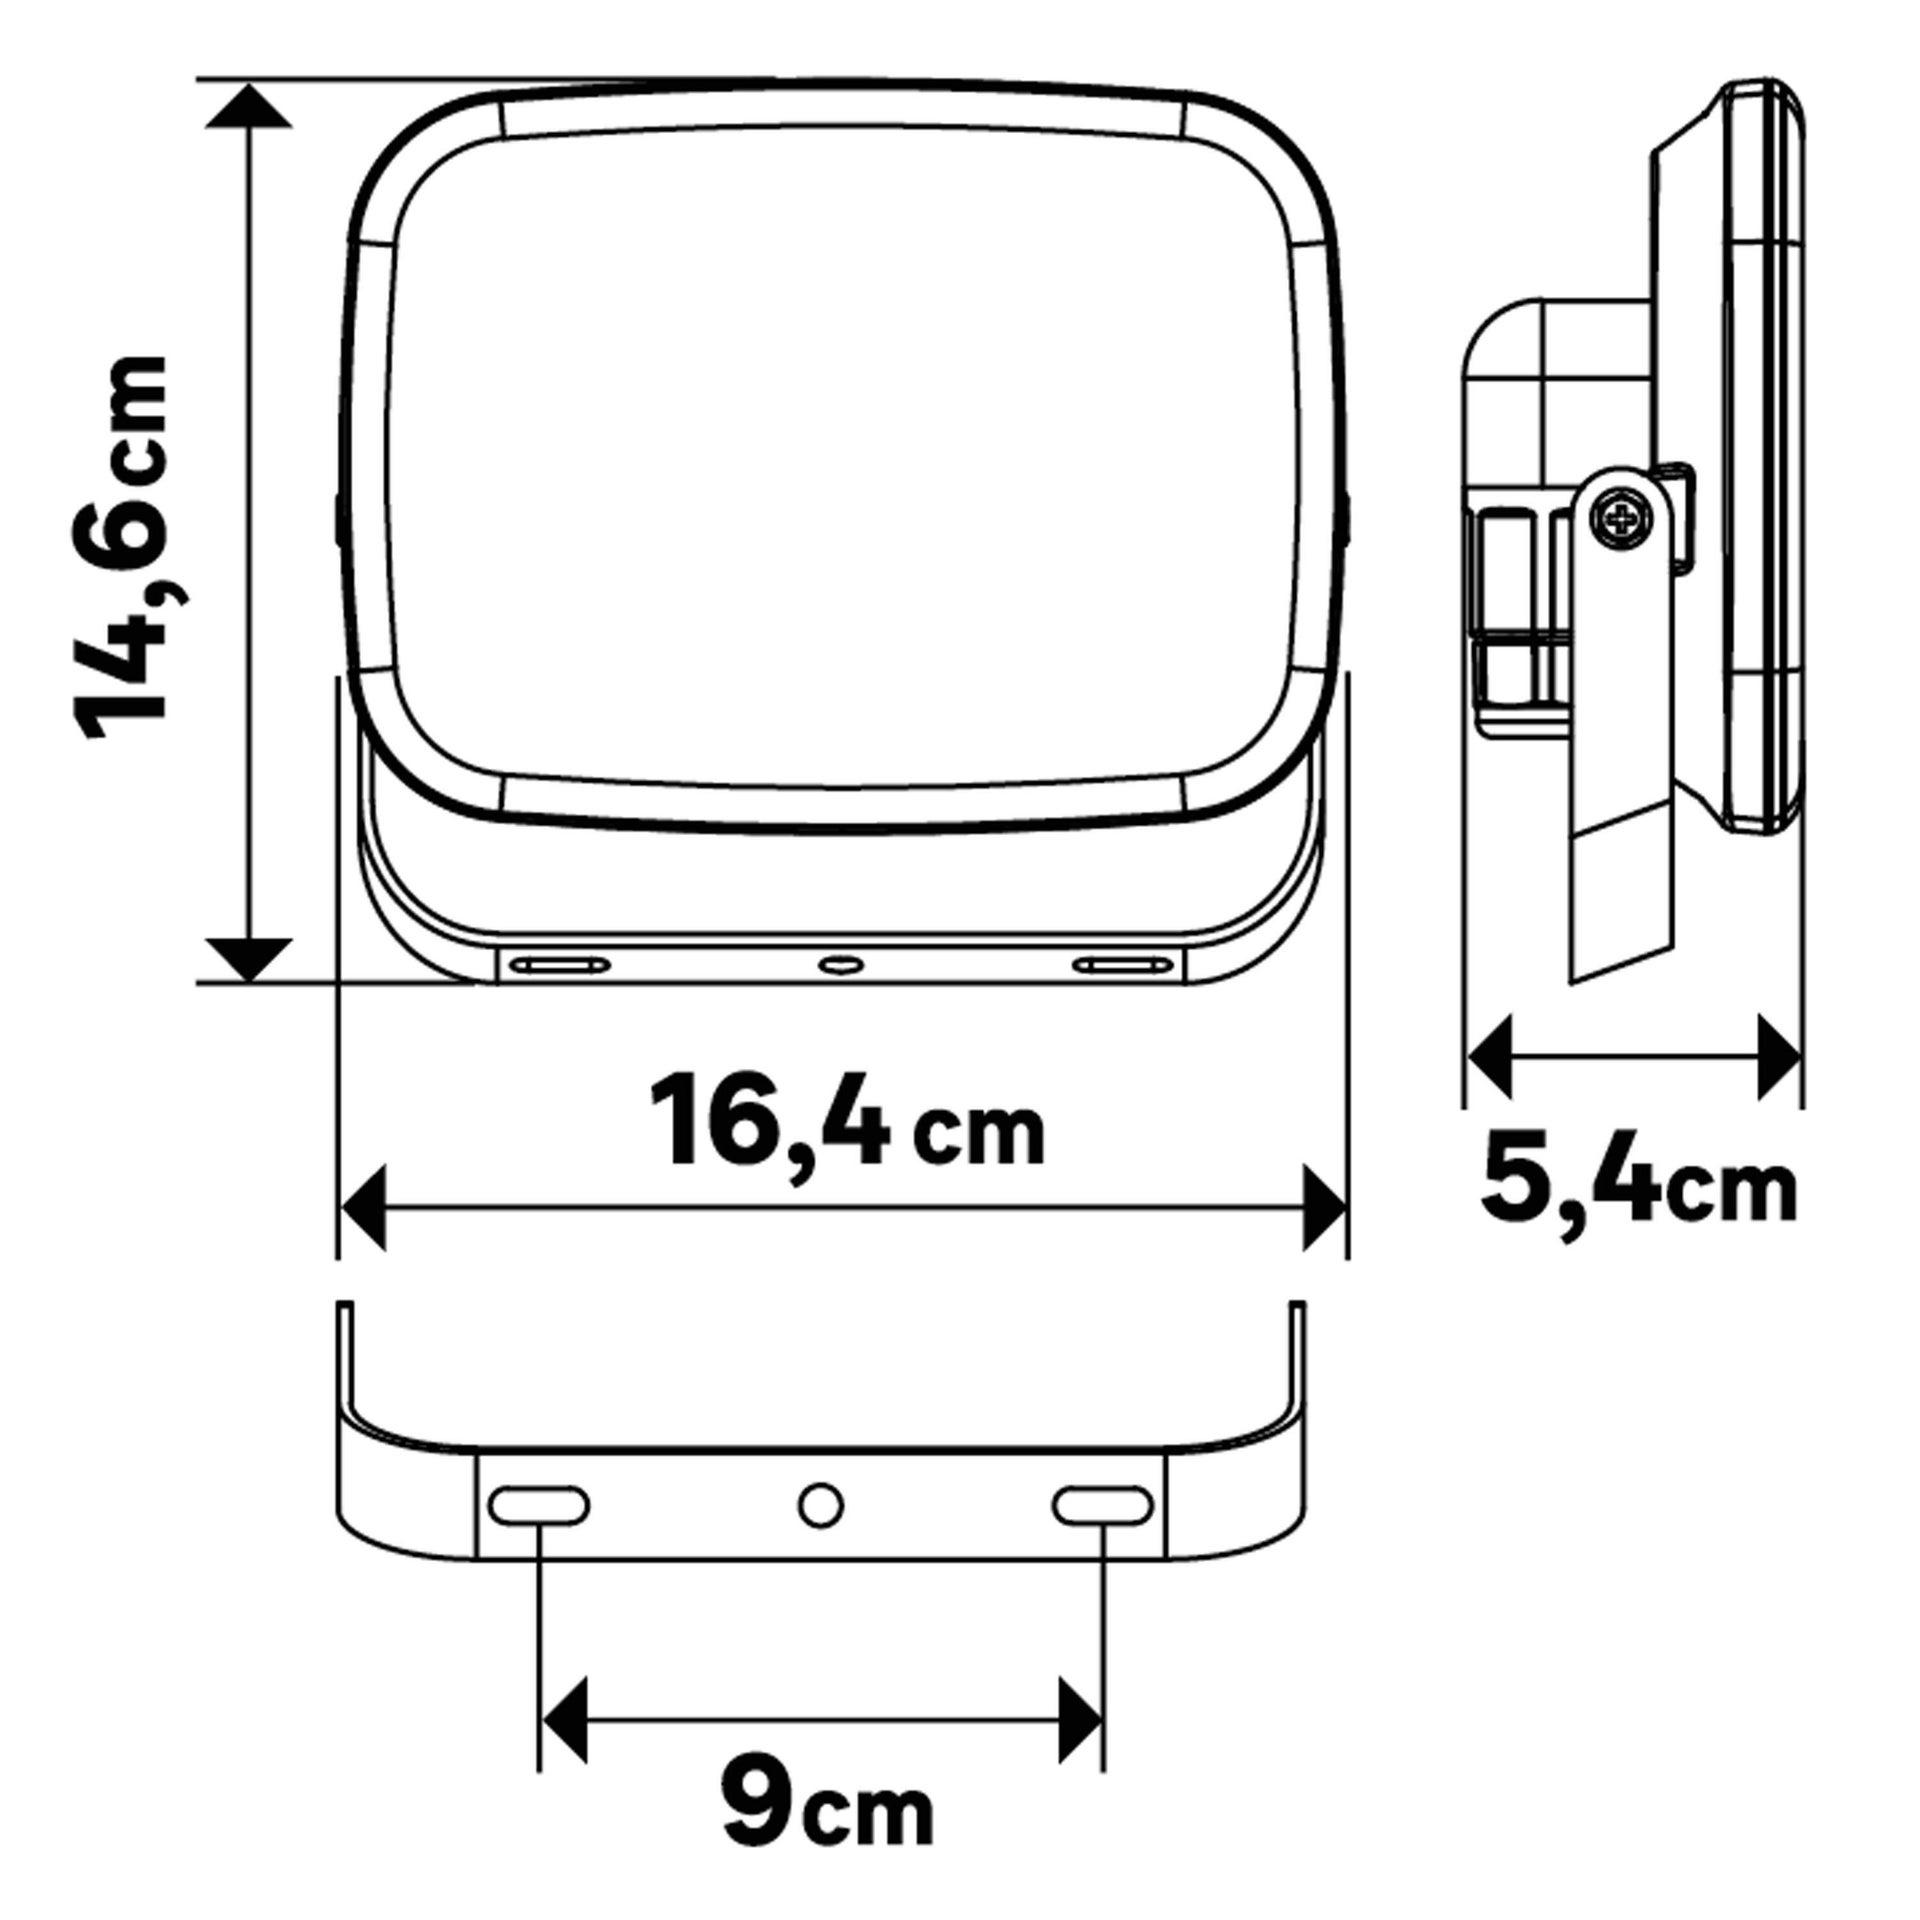 Proiettore LED integrato Kanti in alluminio, bianco, 30W 2000LM IP65 INSPIRE - 4